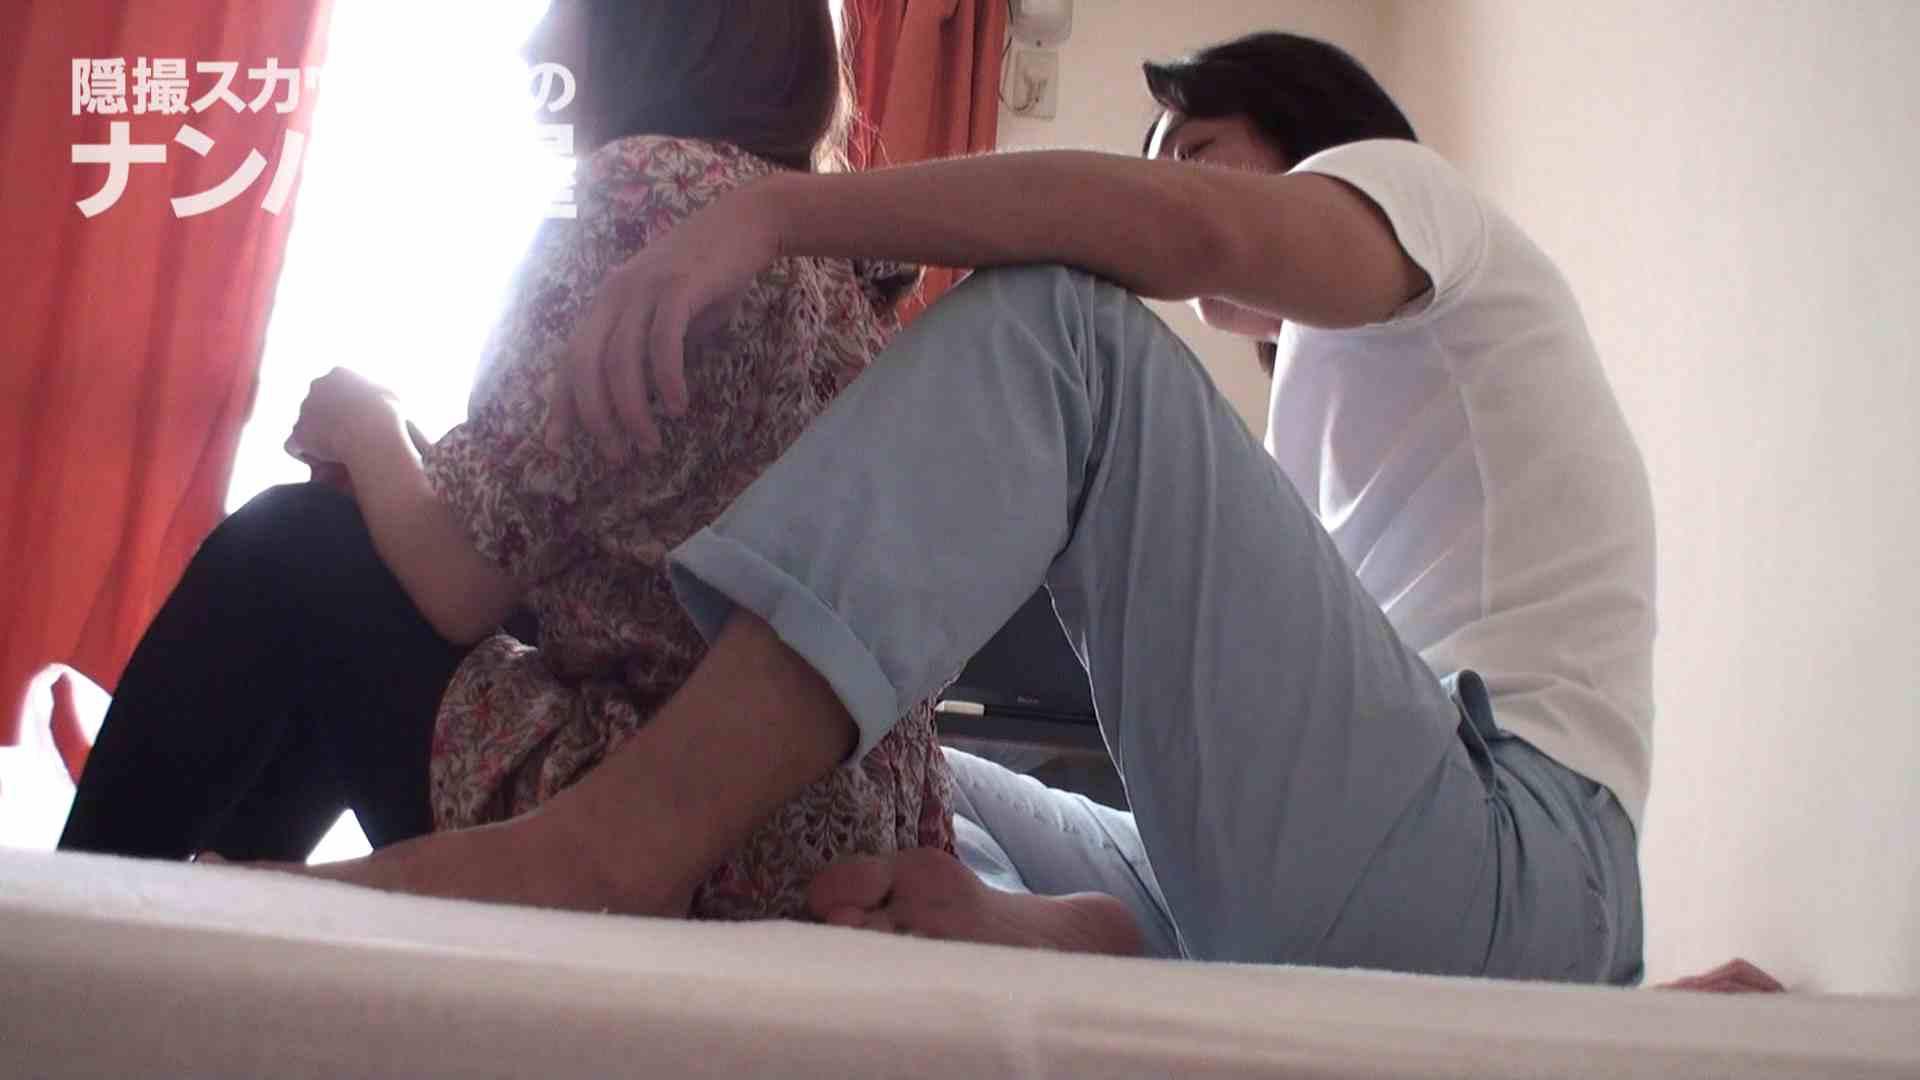 隠撮スカウトマンのナンパ部屋~風俗デビュー前のつまみ食い~ sii 隠撮  84連発 17